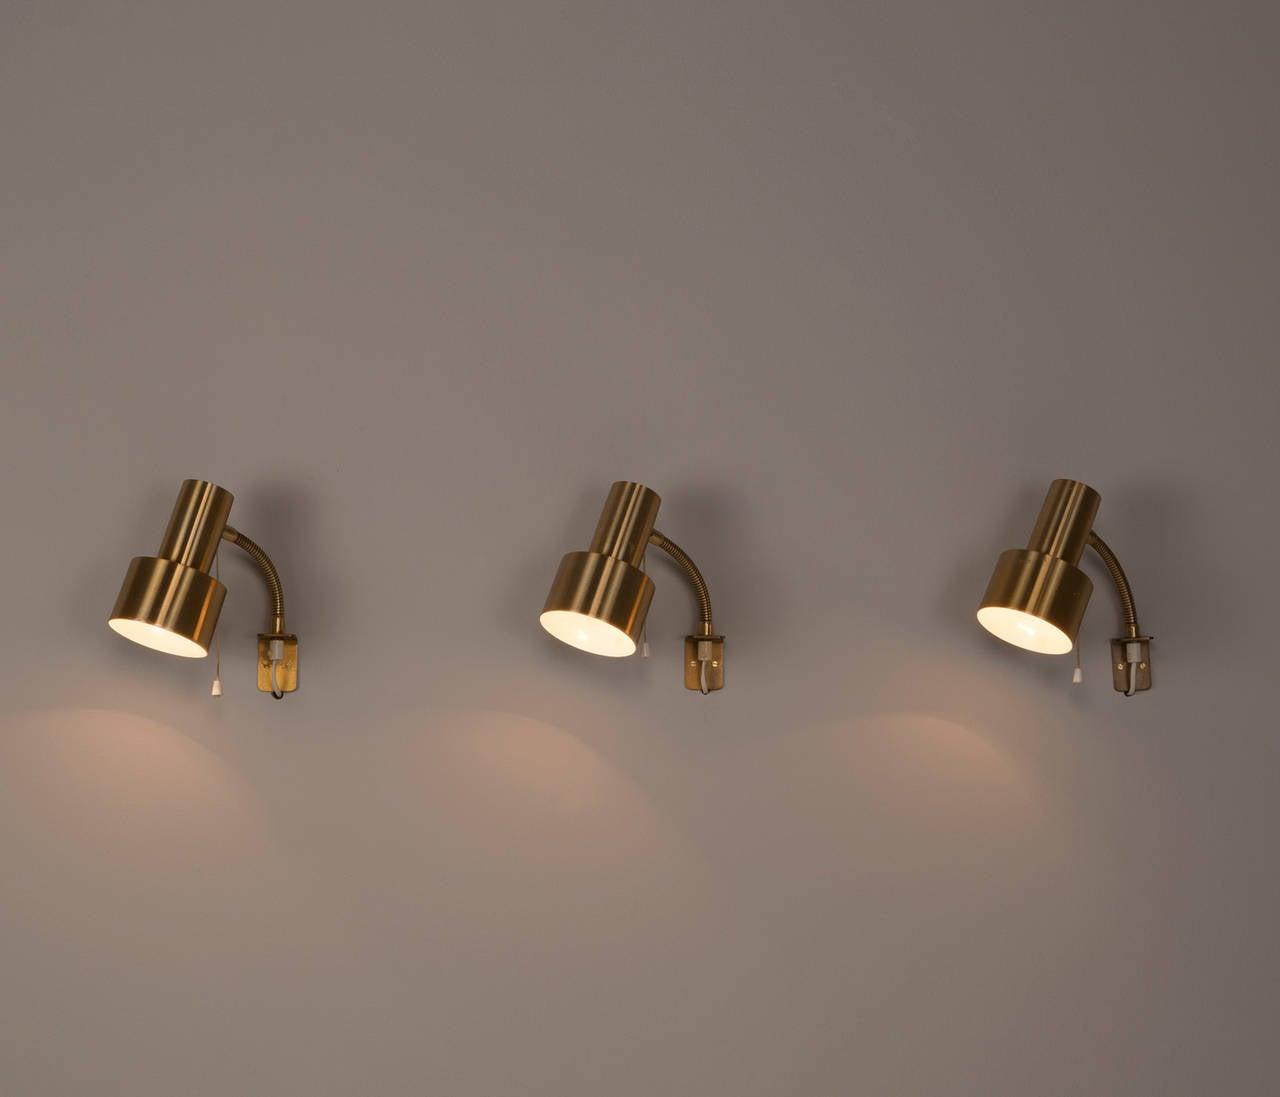 Set of twelve adjustable brass wall lights For Sale at 1stdibs